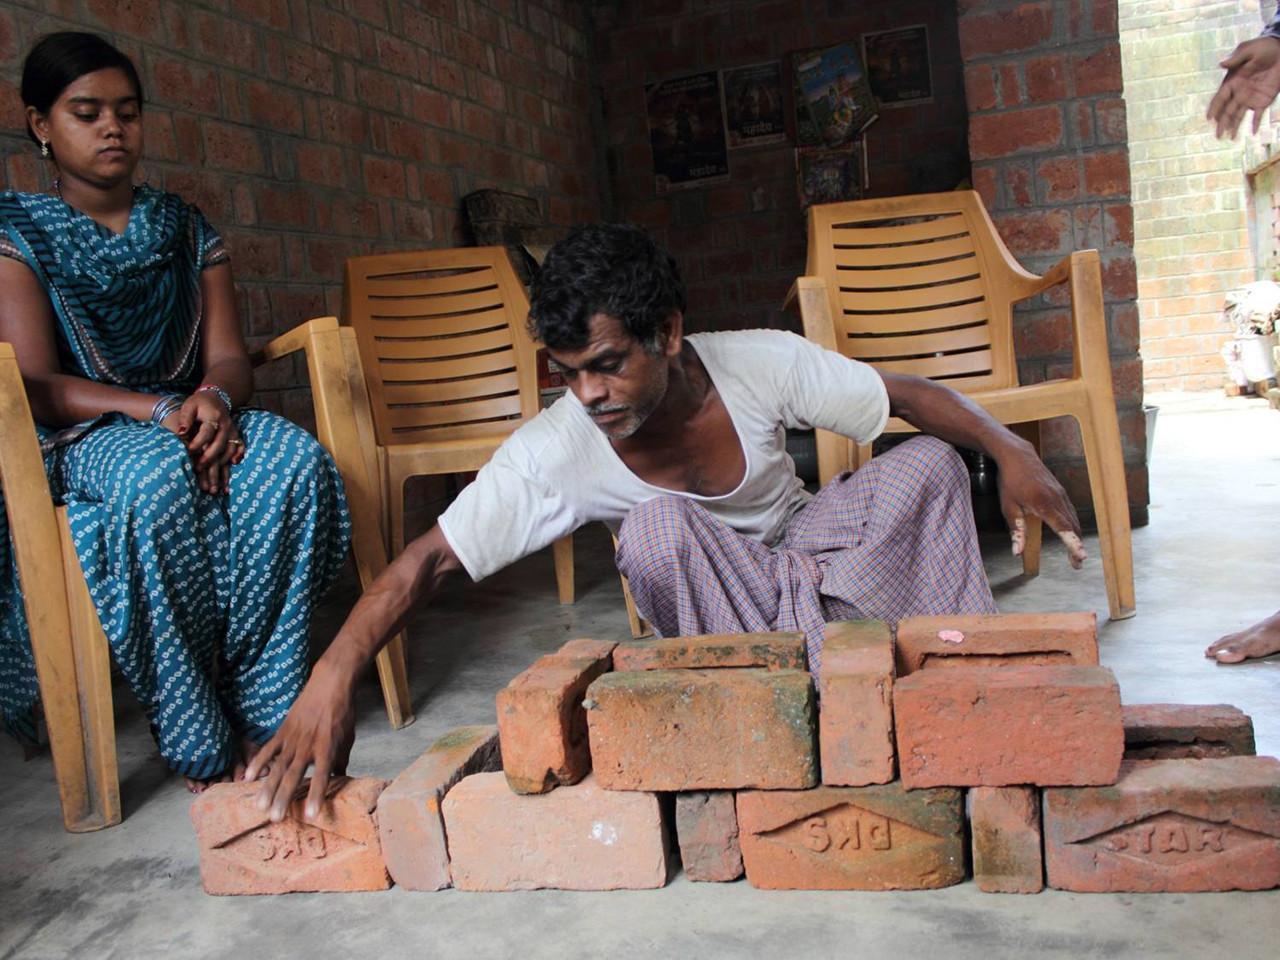 La ONU premia 17 gestos de diseño e iniciativas en favor del medio ambiente, Capacitación para el diseño de Viviendas Resilientes a Inundaciones en India. Image © ONU